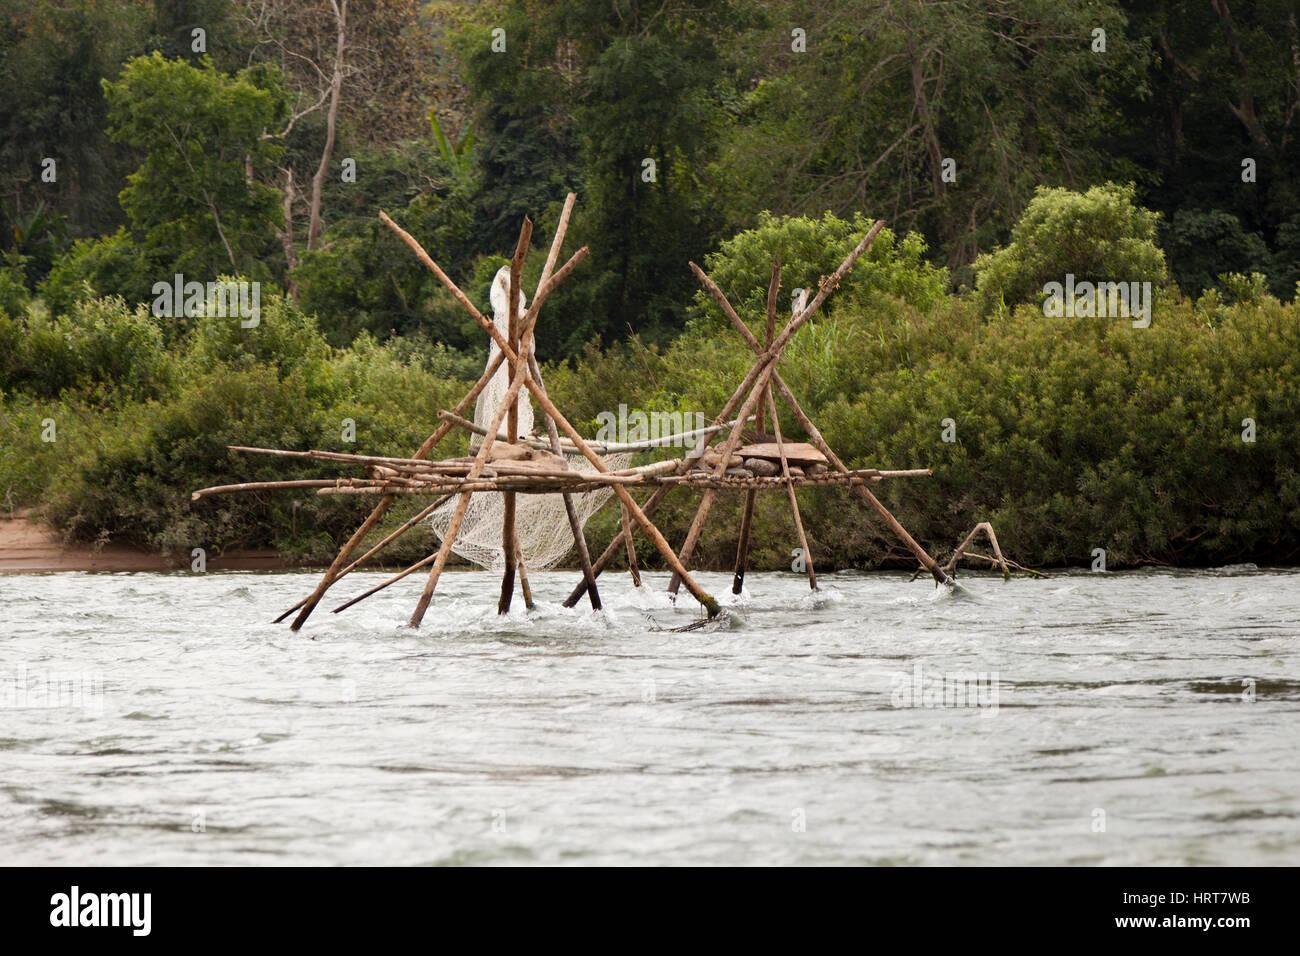 Eine Verzweigungsstruktur mit Netz für eine Fischfalle auf die Ou-River, einem Nebenfluss des Mekong. Struktur Stockbild